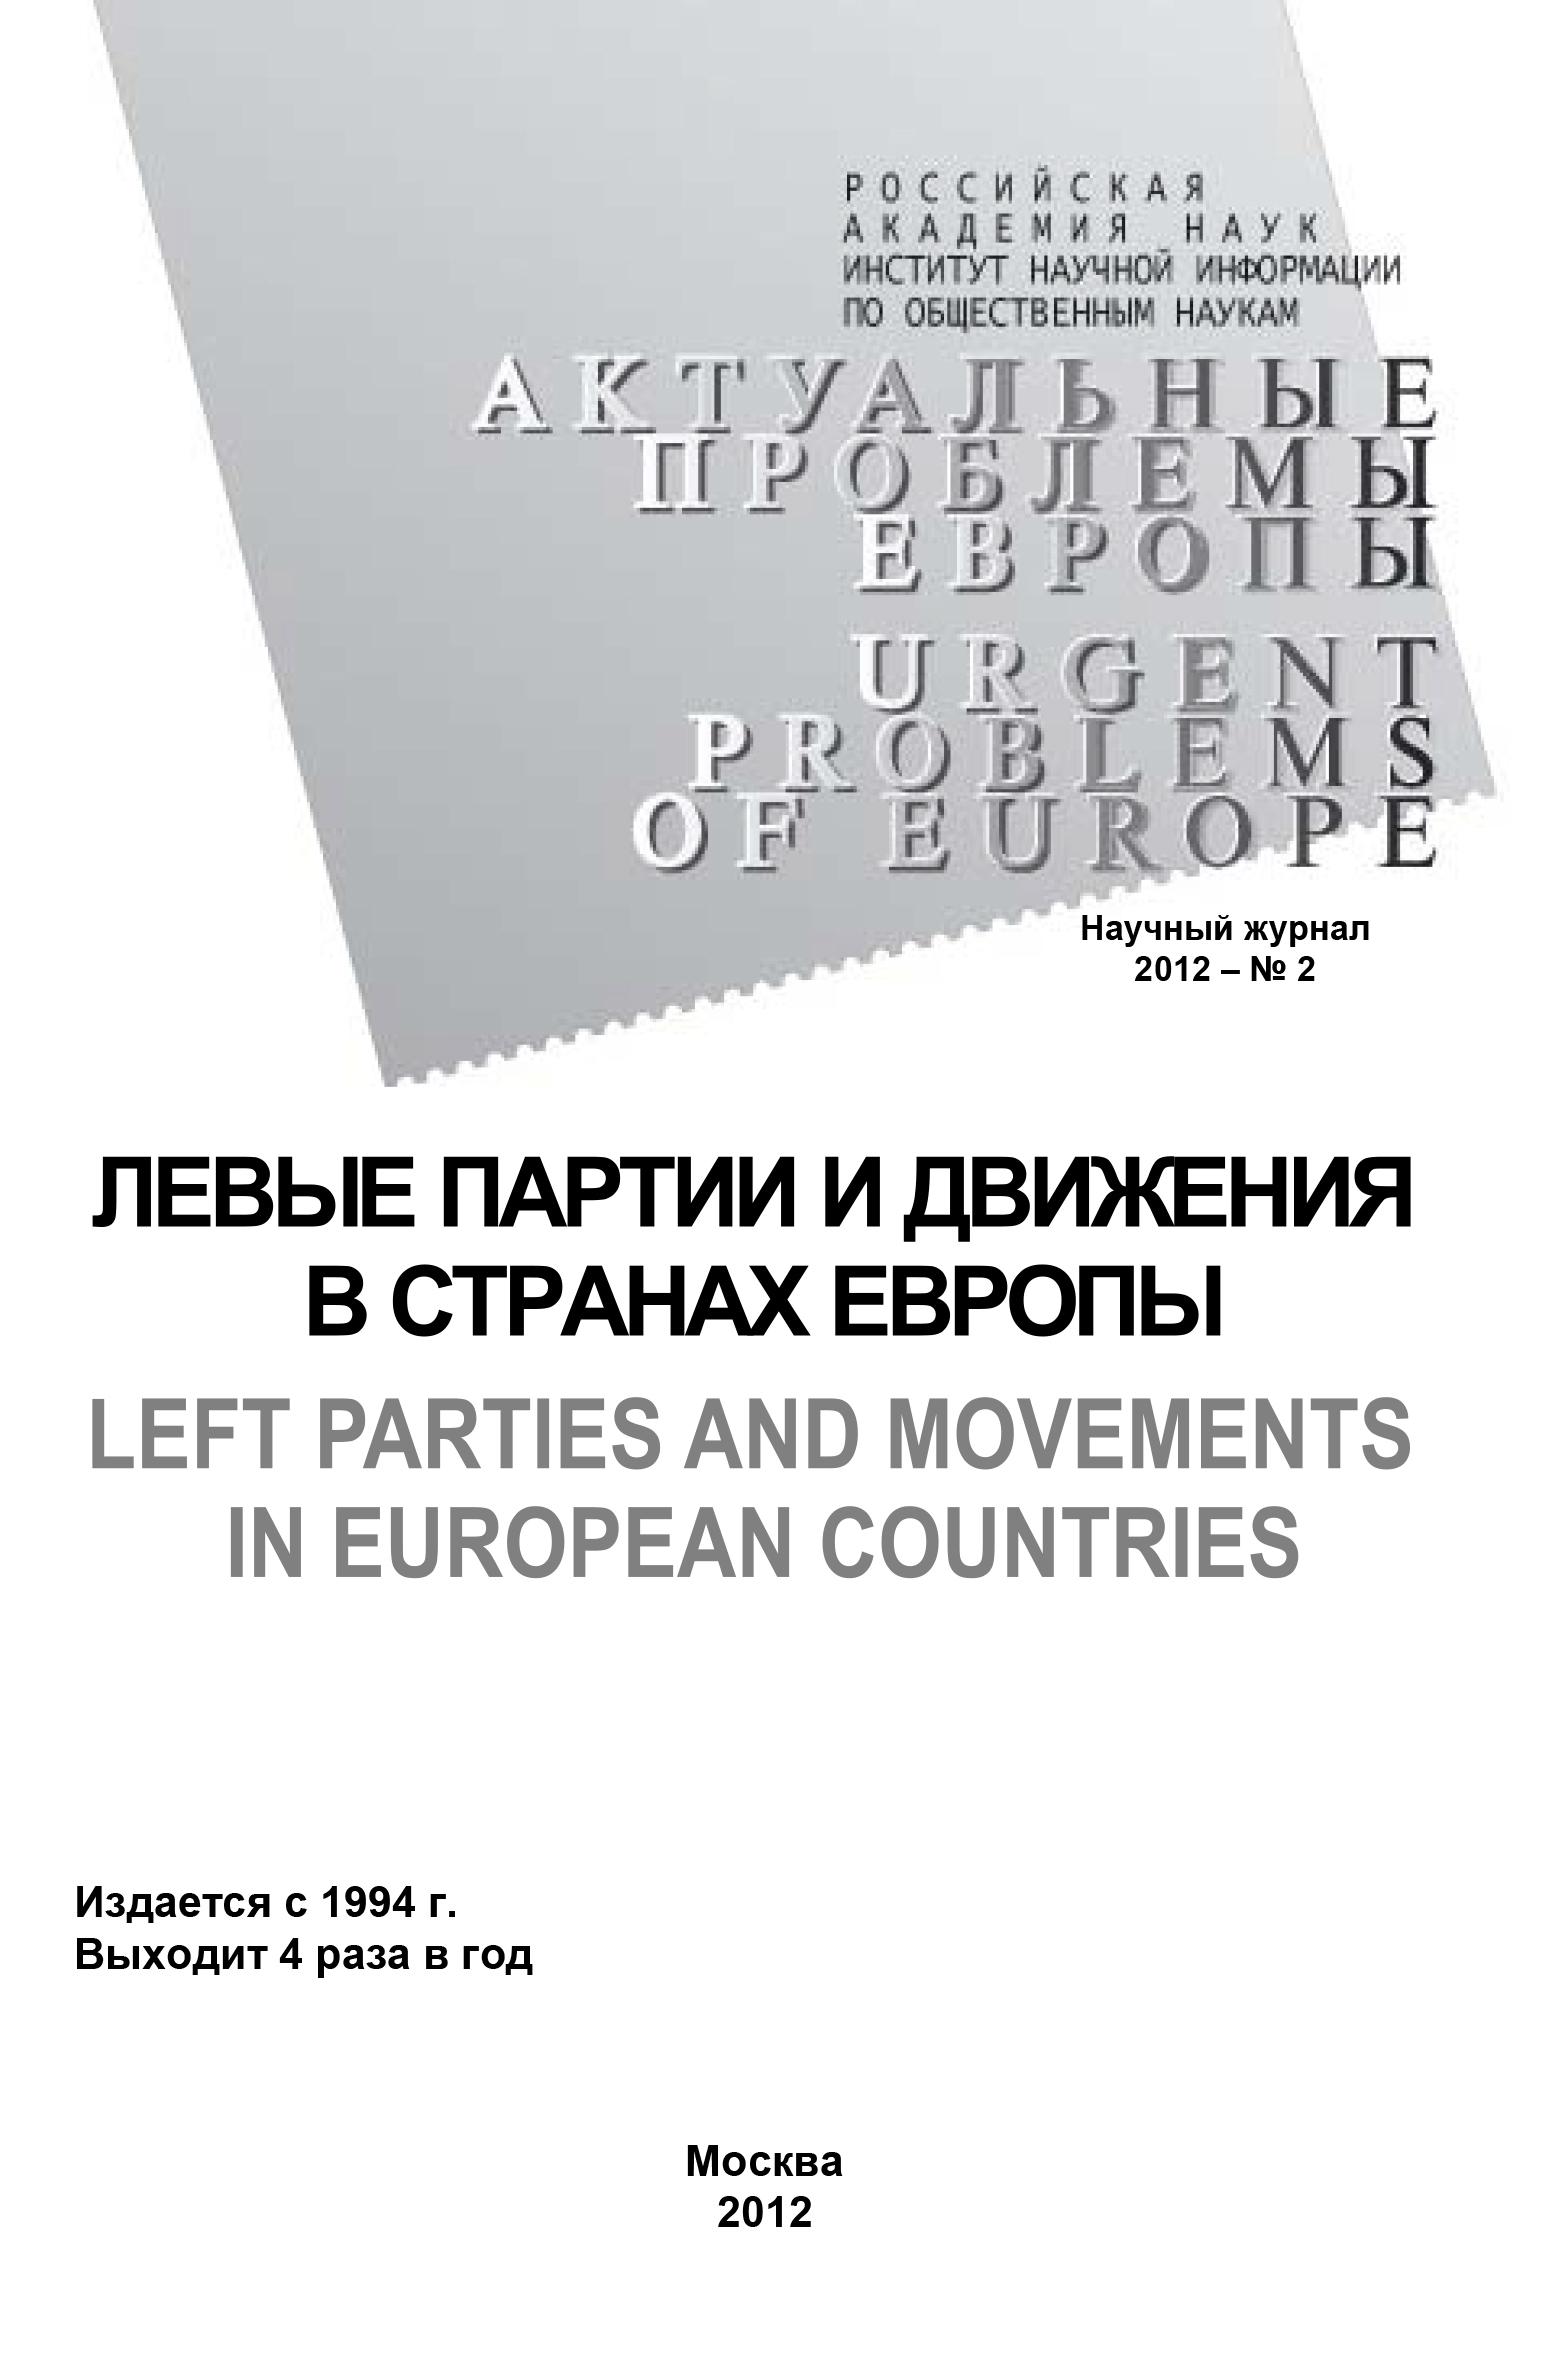 Олег Жирнов Актуальные проблемы Европы №2 / 2012